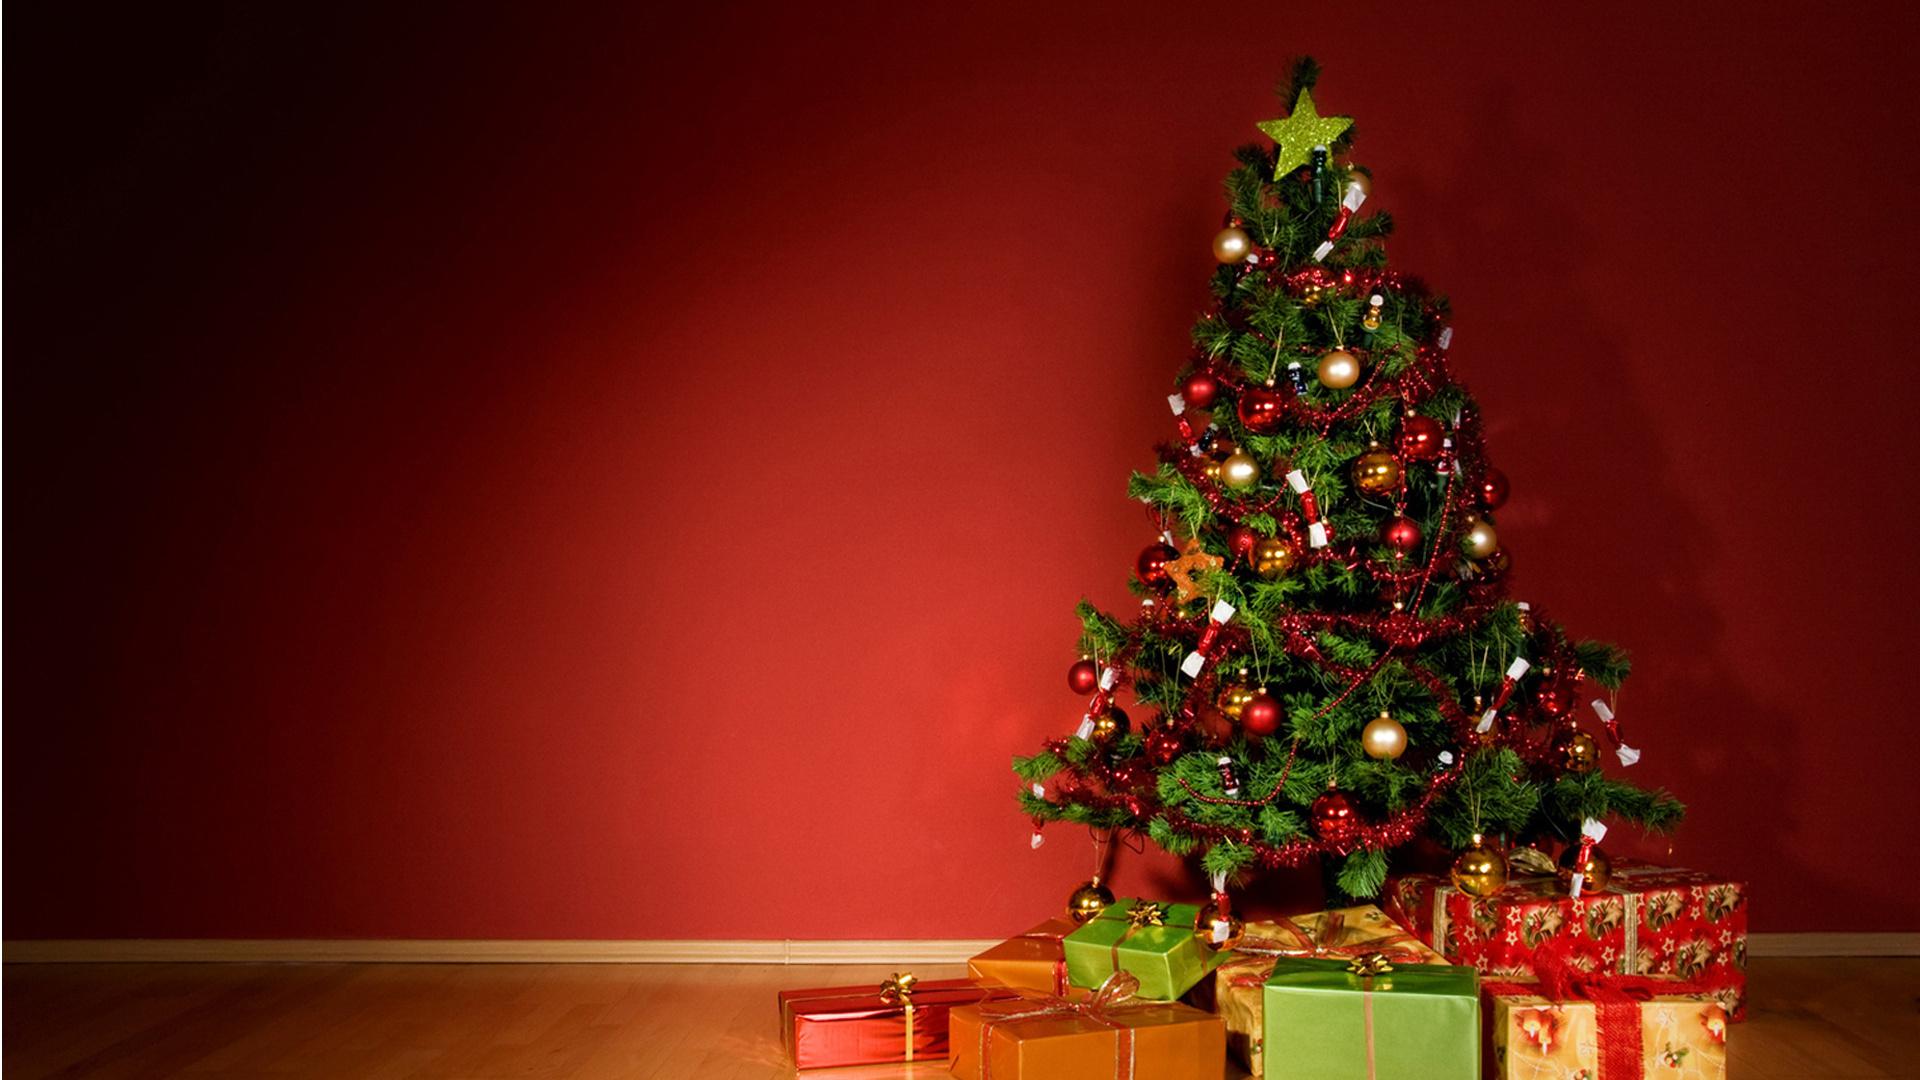 Я увидела, что у меня под окном частный дом выросла ель см  увидели во сне новогоднюю ель?